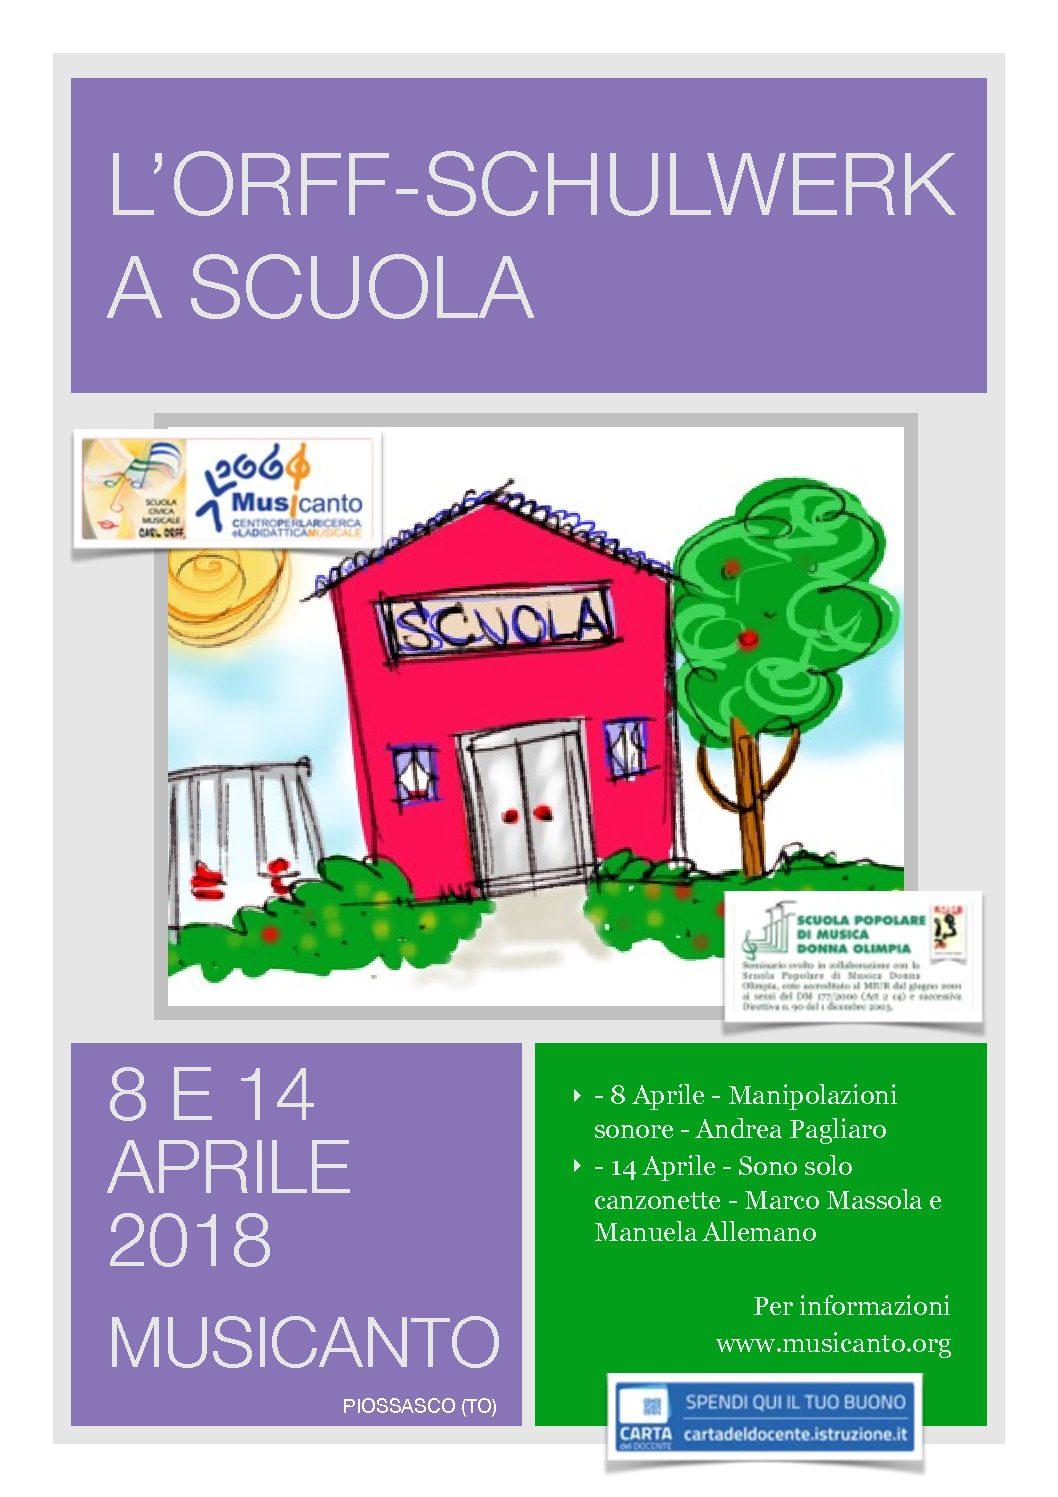 L'Orff-Schulwek a scuola – MANIpolAZIONI SONORE – Andrea Pagliaro